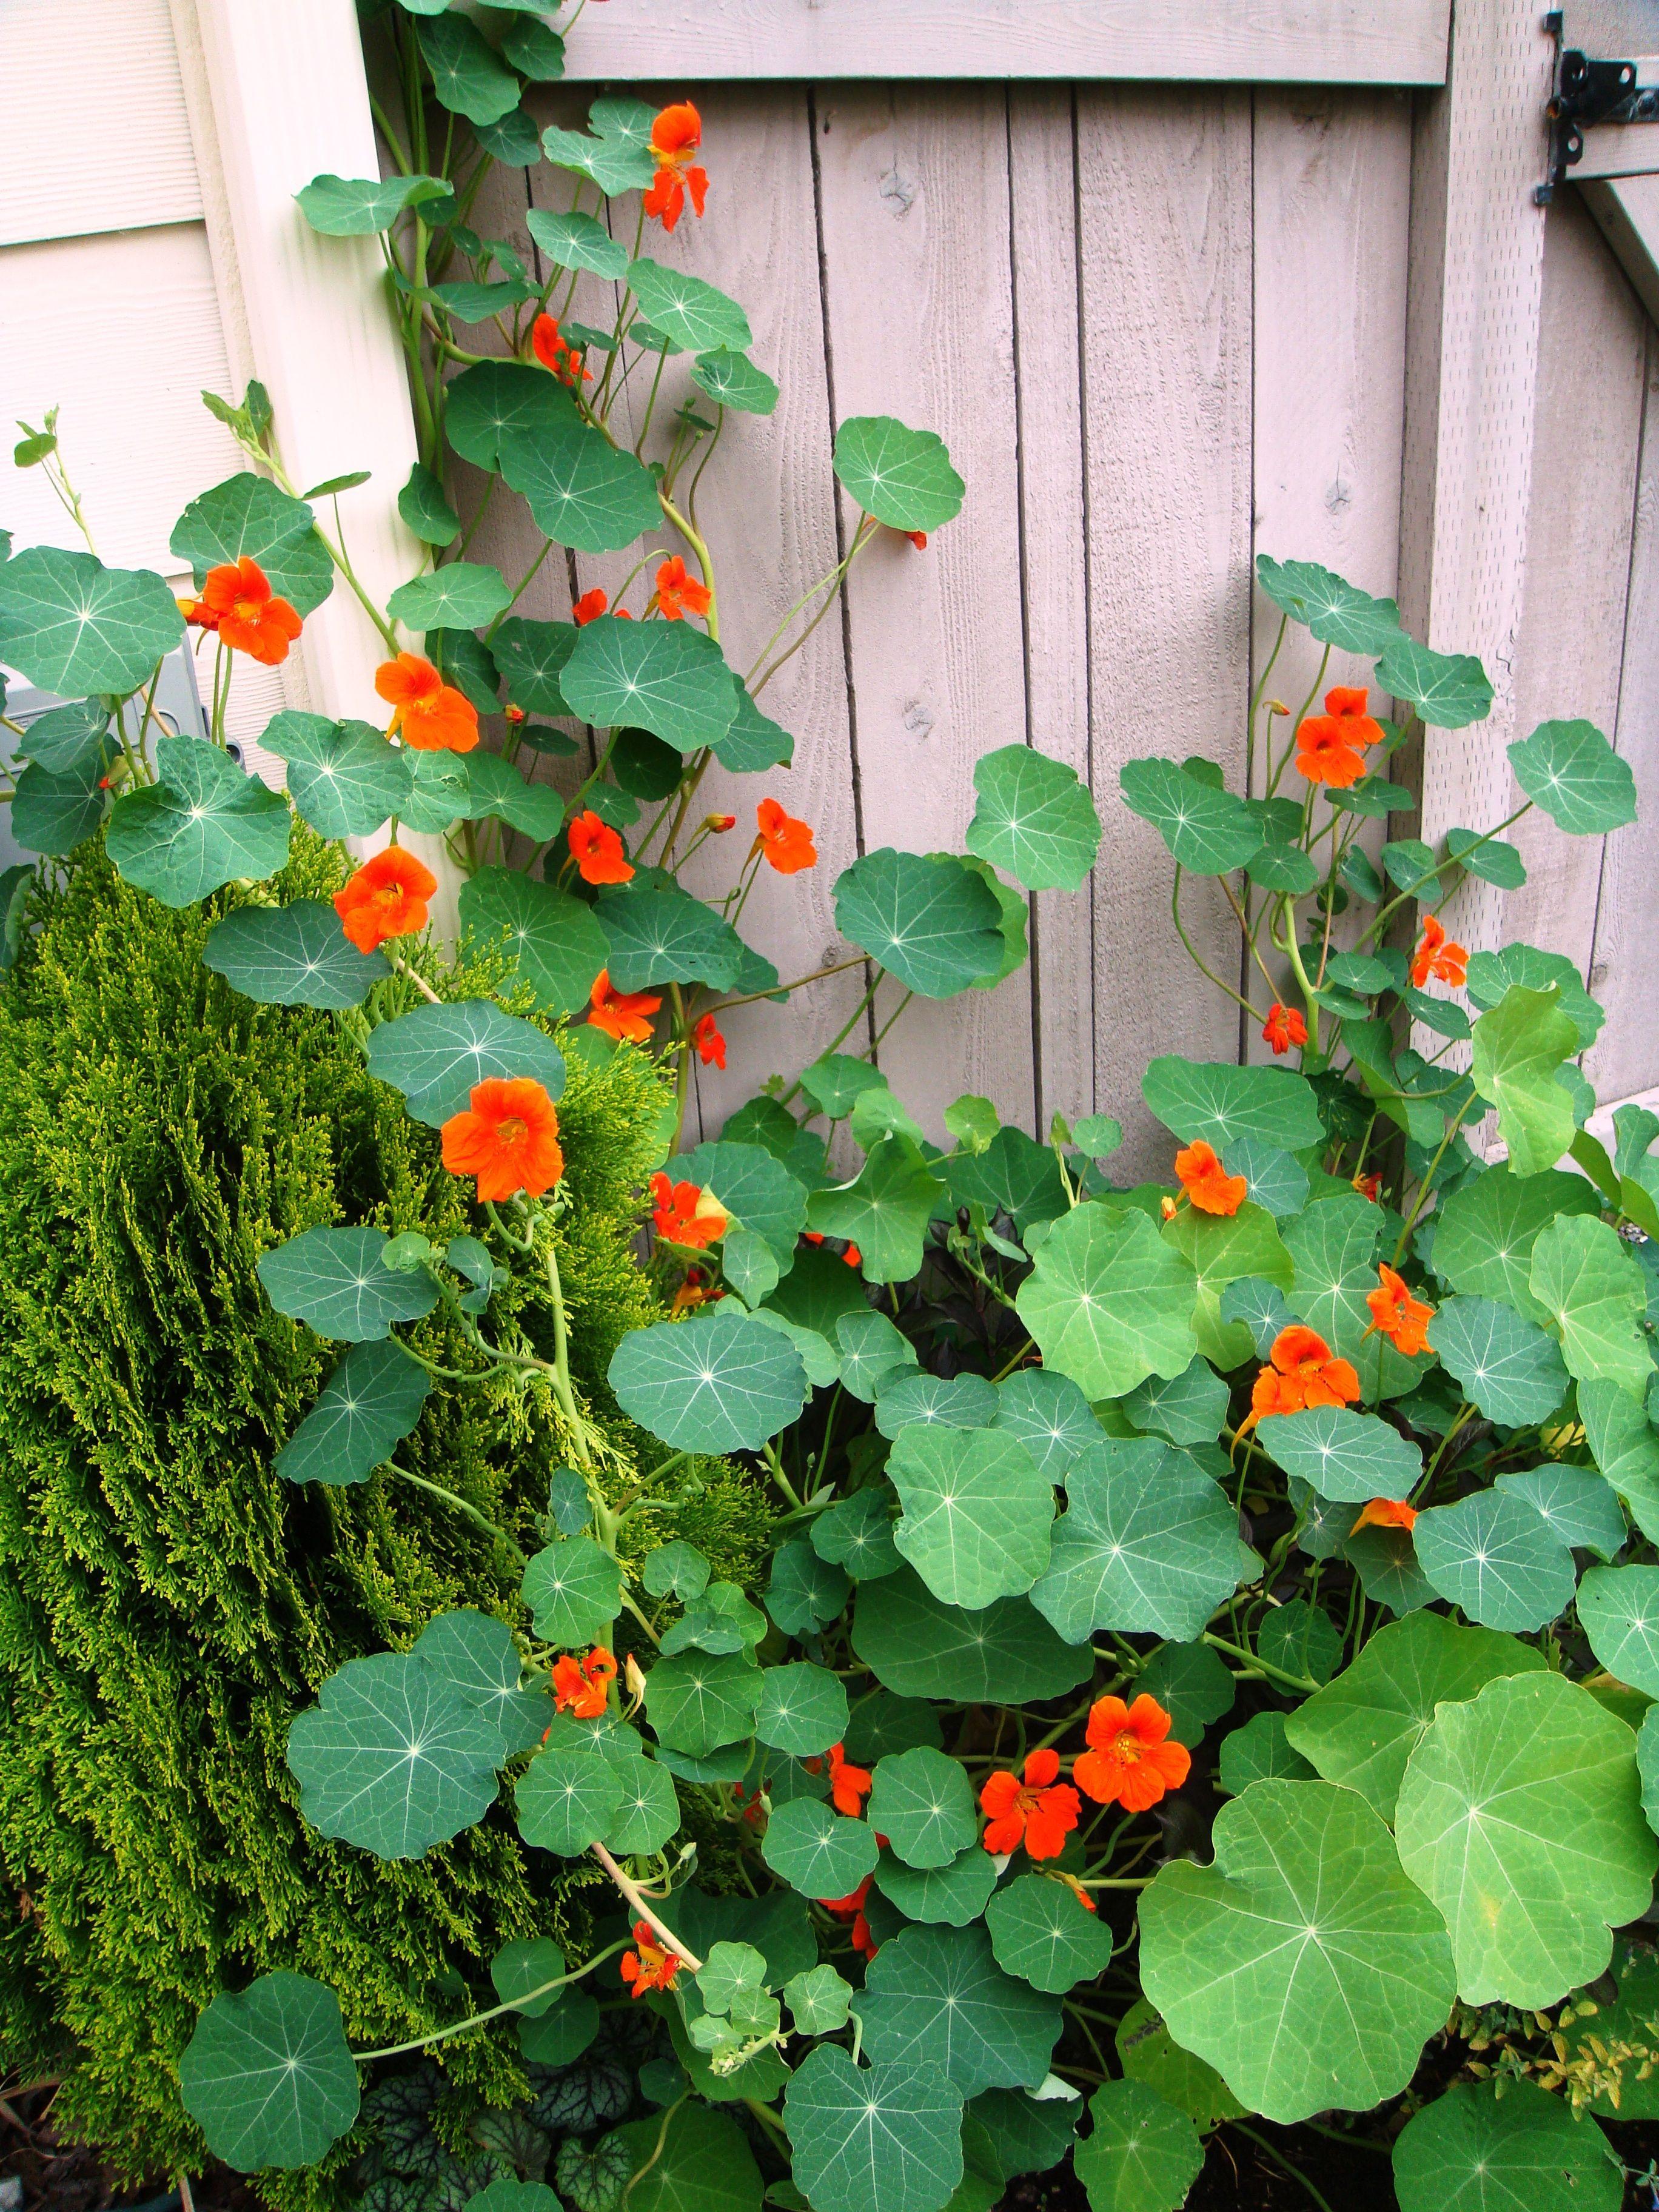 Renee s garden spitfire nasturtium update gardens - Winter flowers for balcony ...